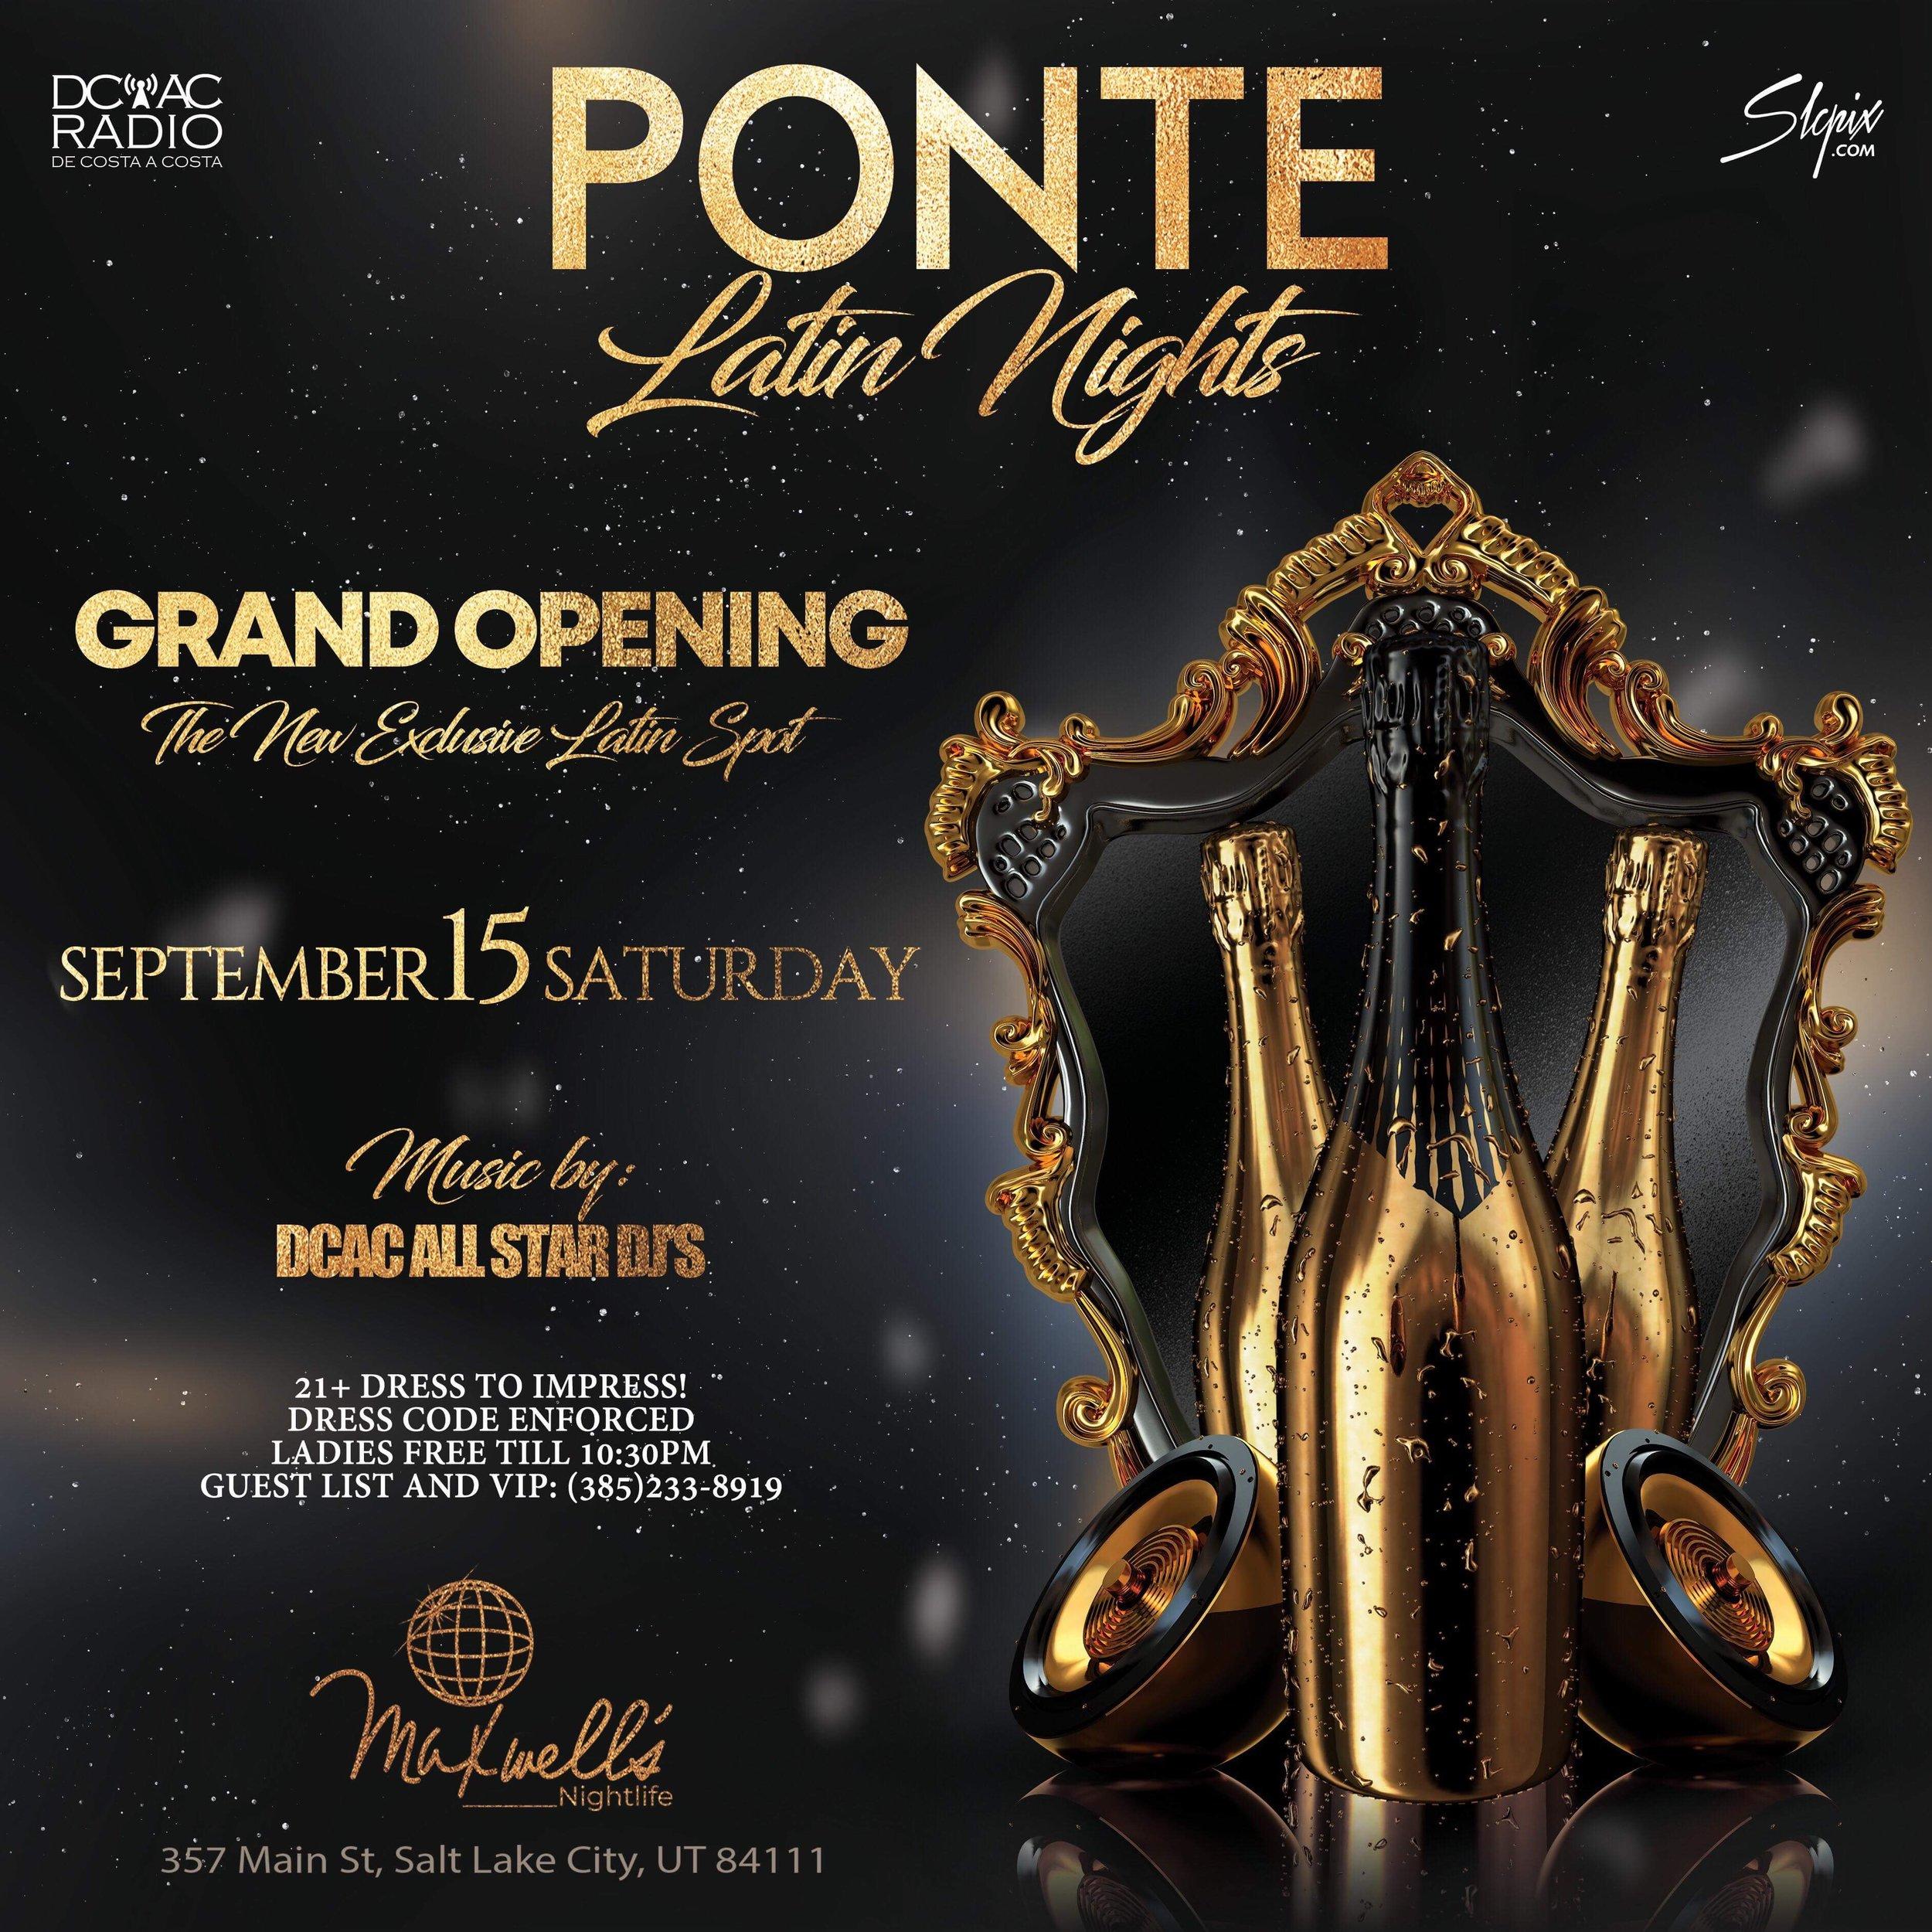 Ponte Latin Nights - Grand Opening